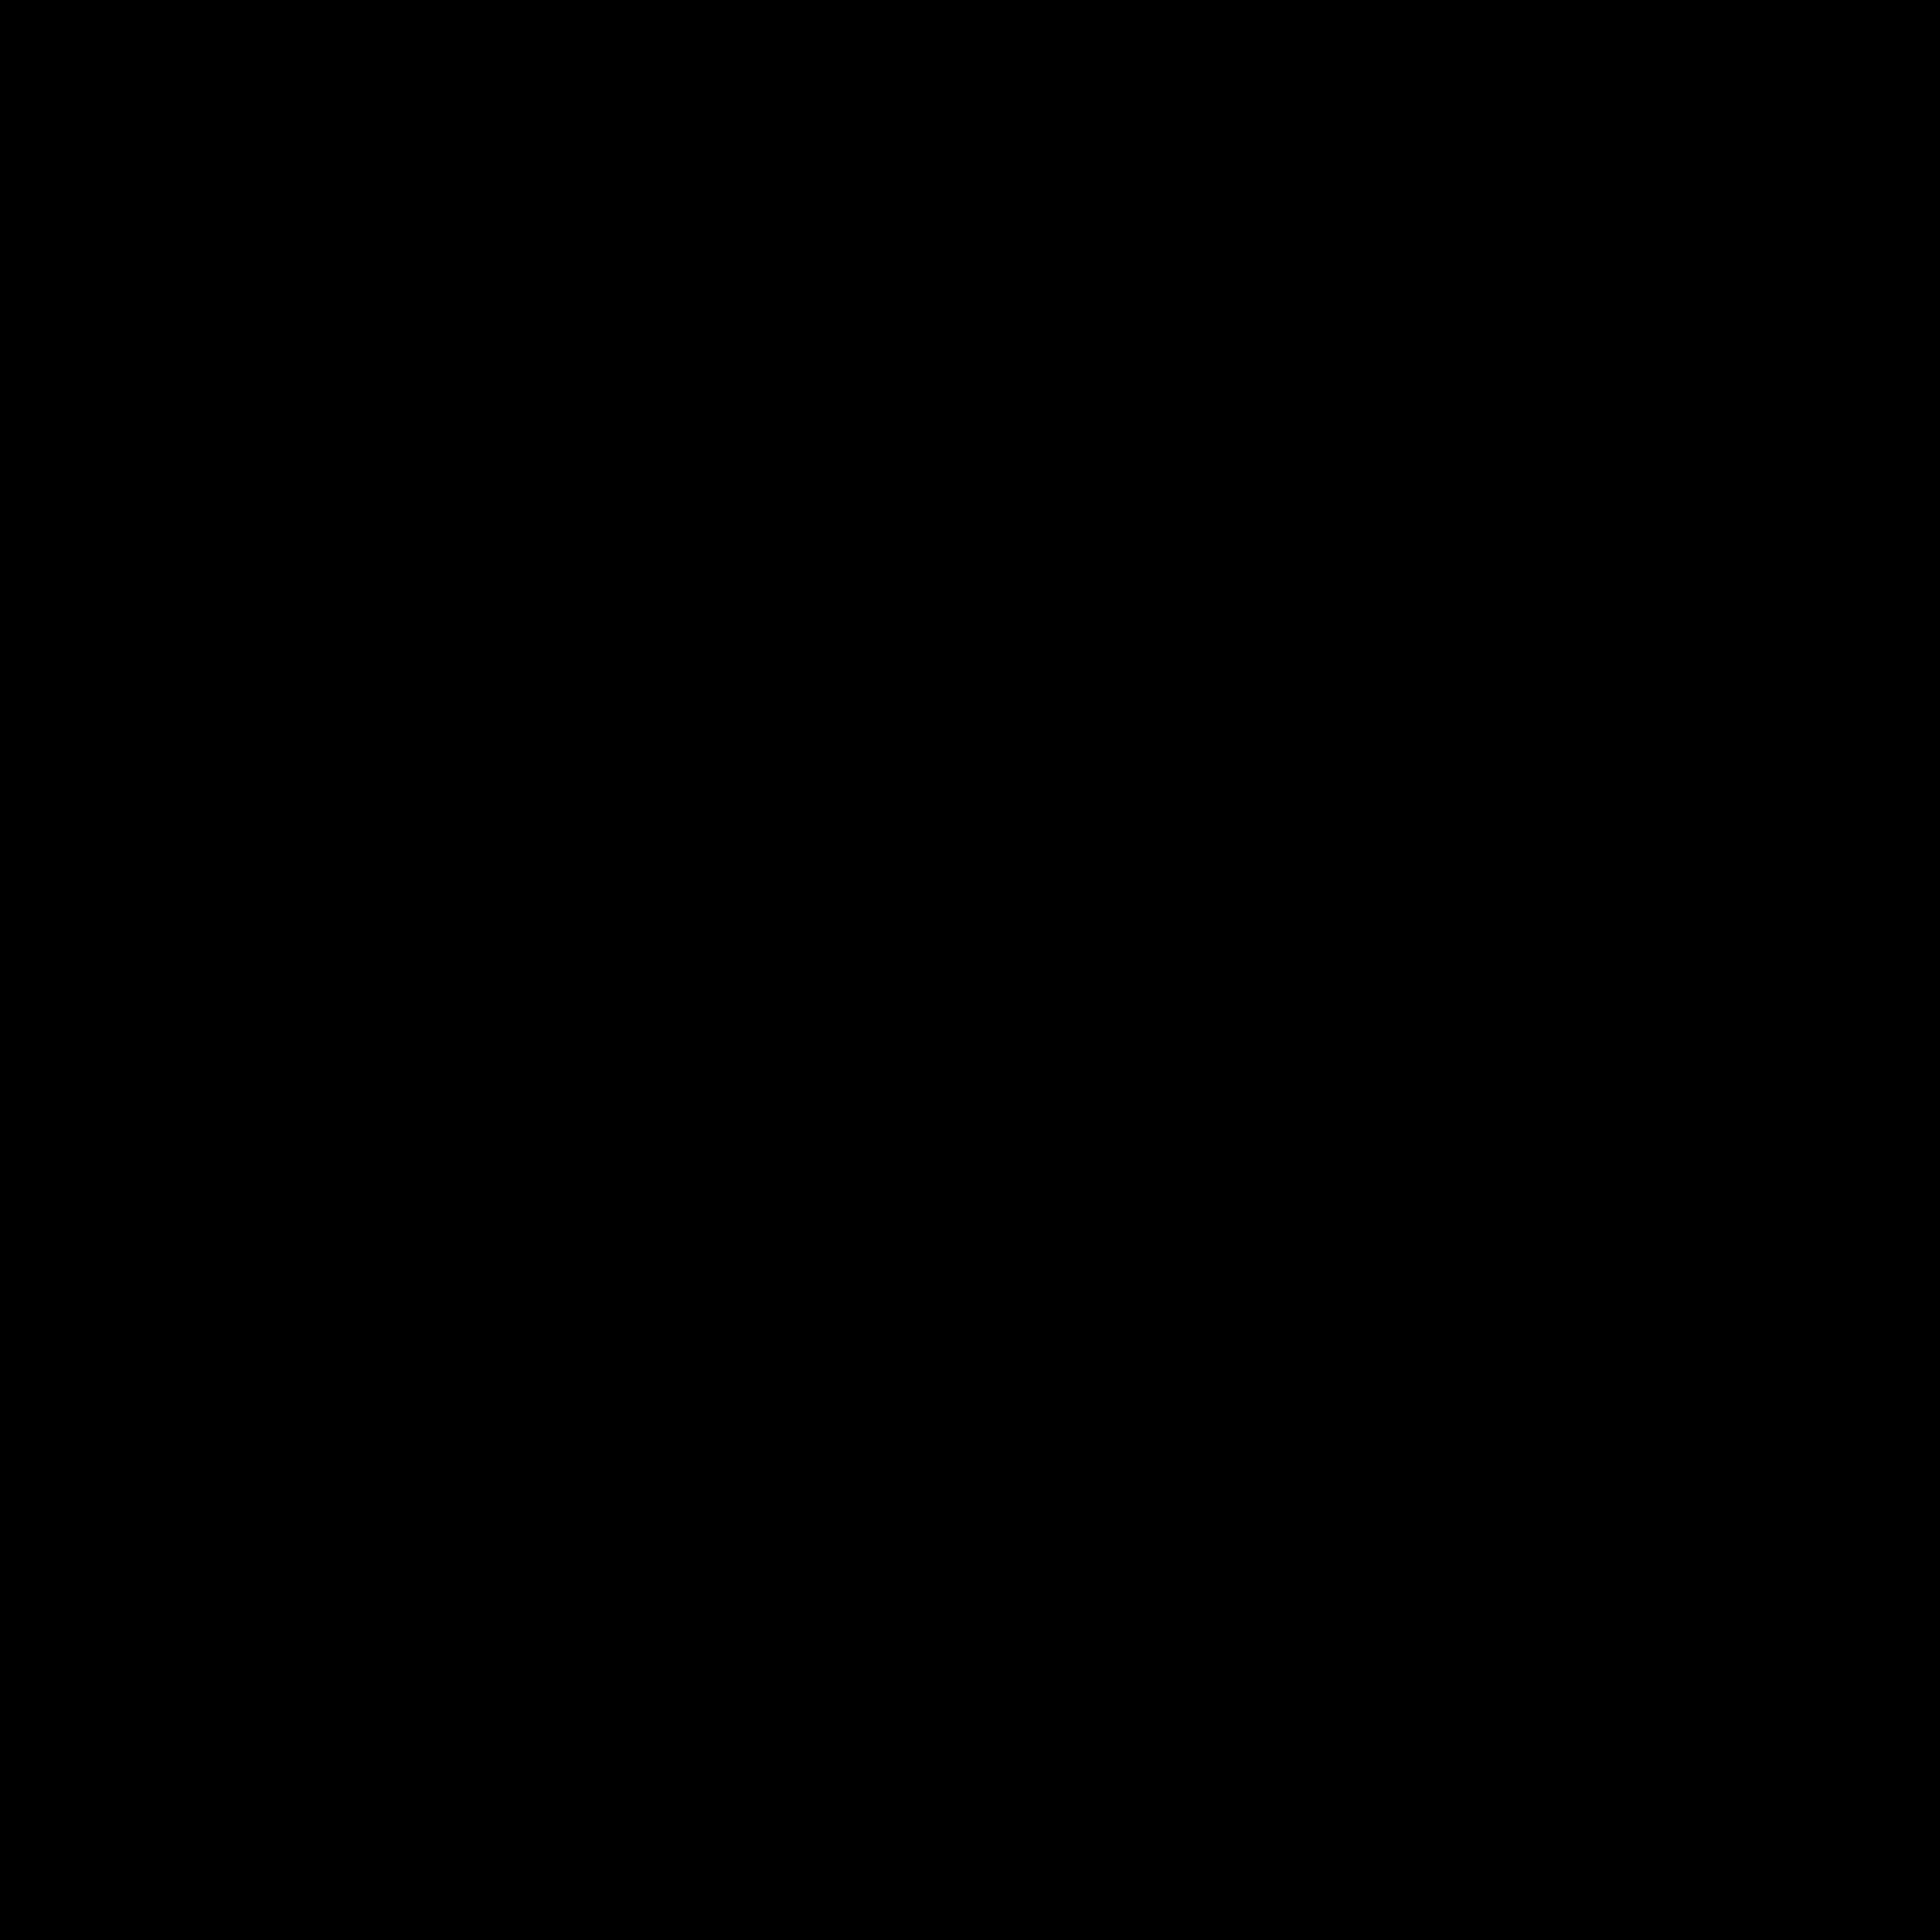 photo 0 Pantofi Tenis de Masă Stiga Instinct II